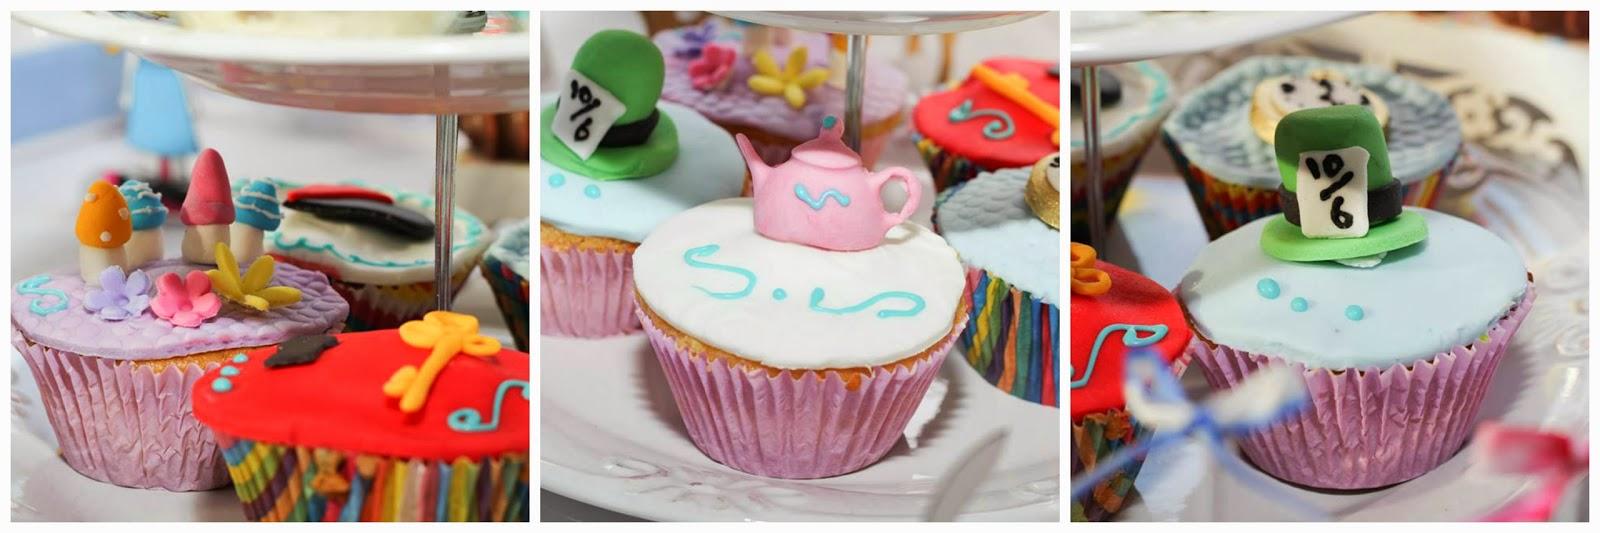 cha-tarde-tema-alice-pais-maravilhas-cupcakes